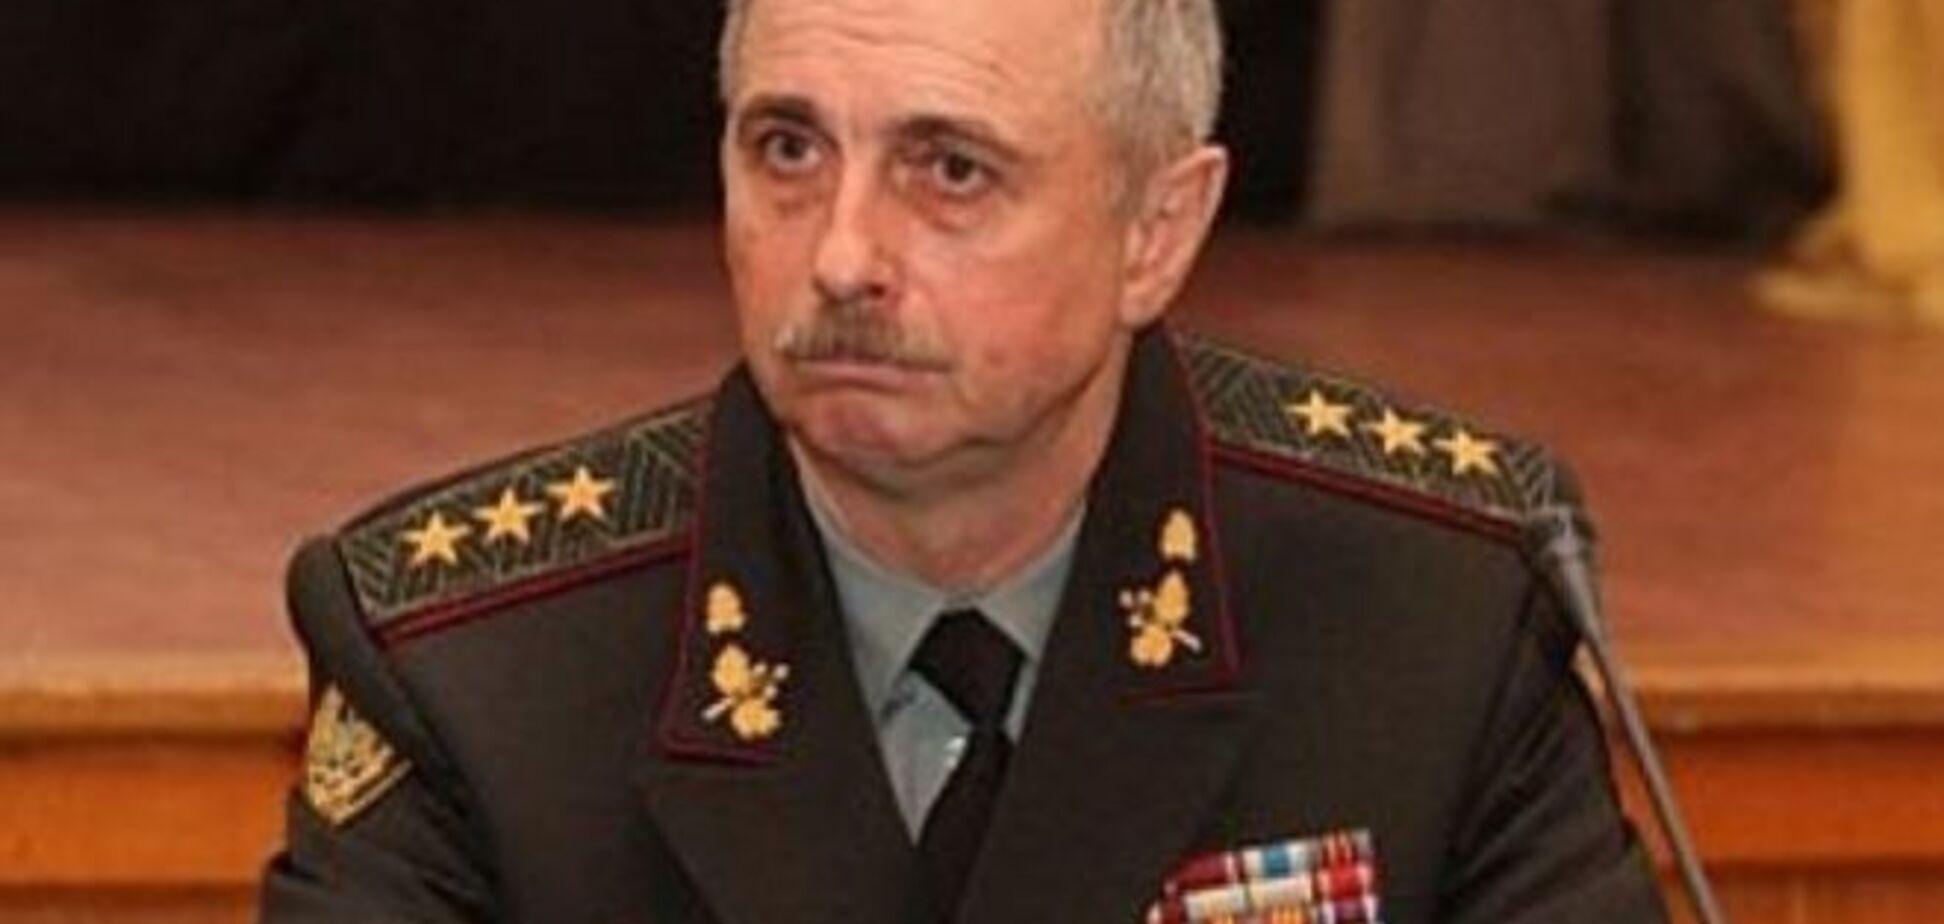 Прикордонники обурені словами в.о. міністра оборони, мовляв, 'штурму прикордонзагону не було'